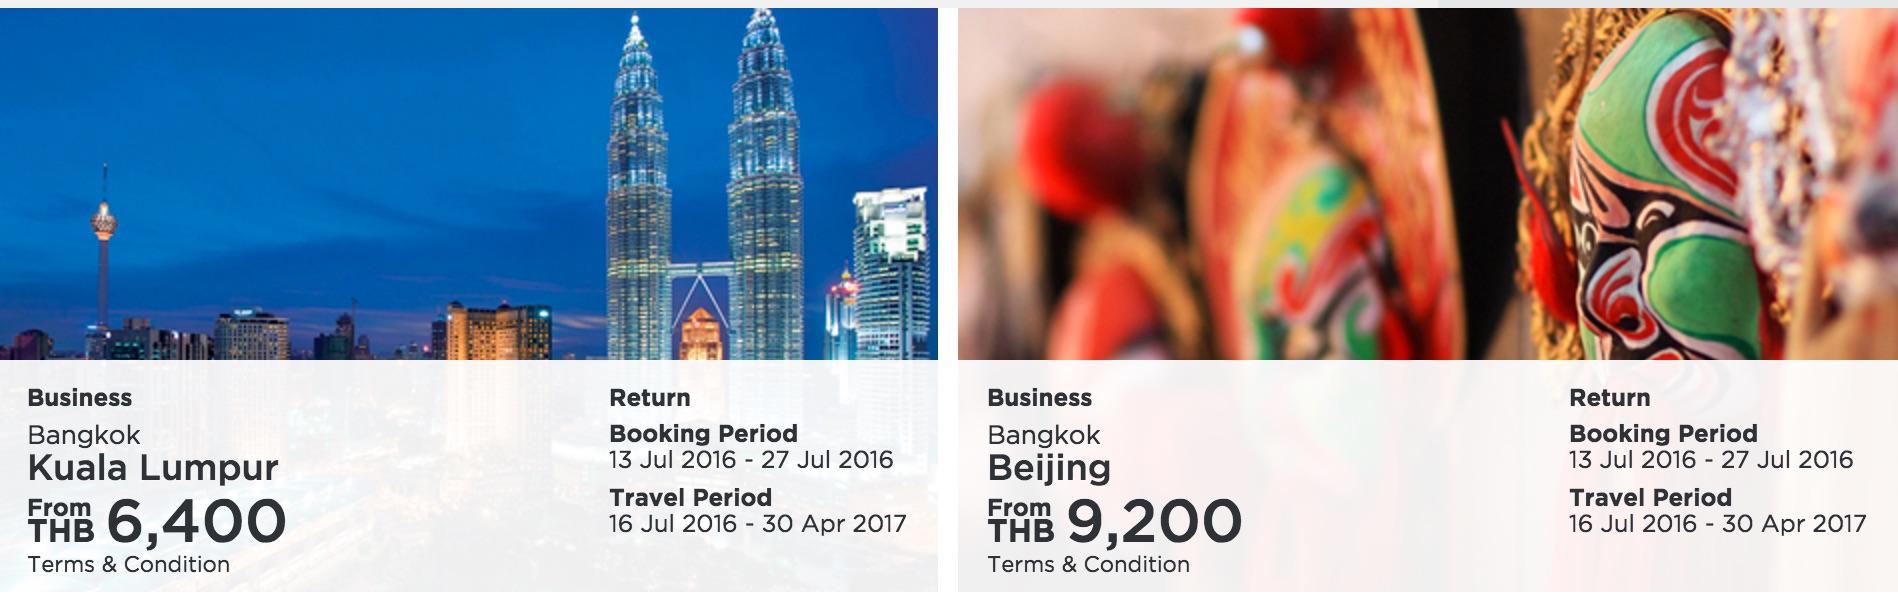 マレーシア航空ビジネスクラスはバンコク発が安い!タイ発激安プロモーション料金(2016年7月27日まで)